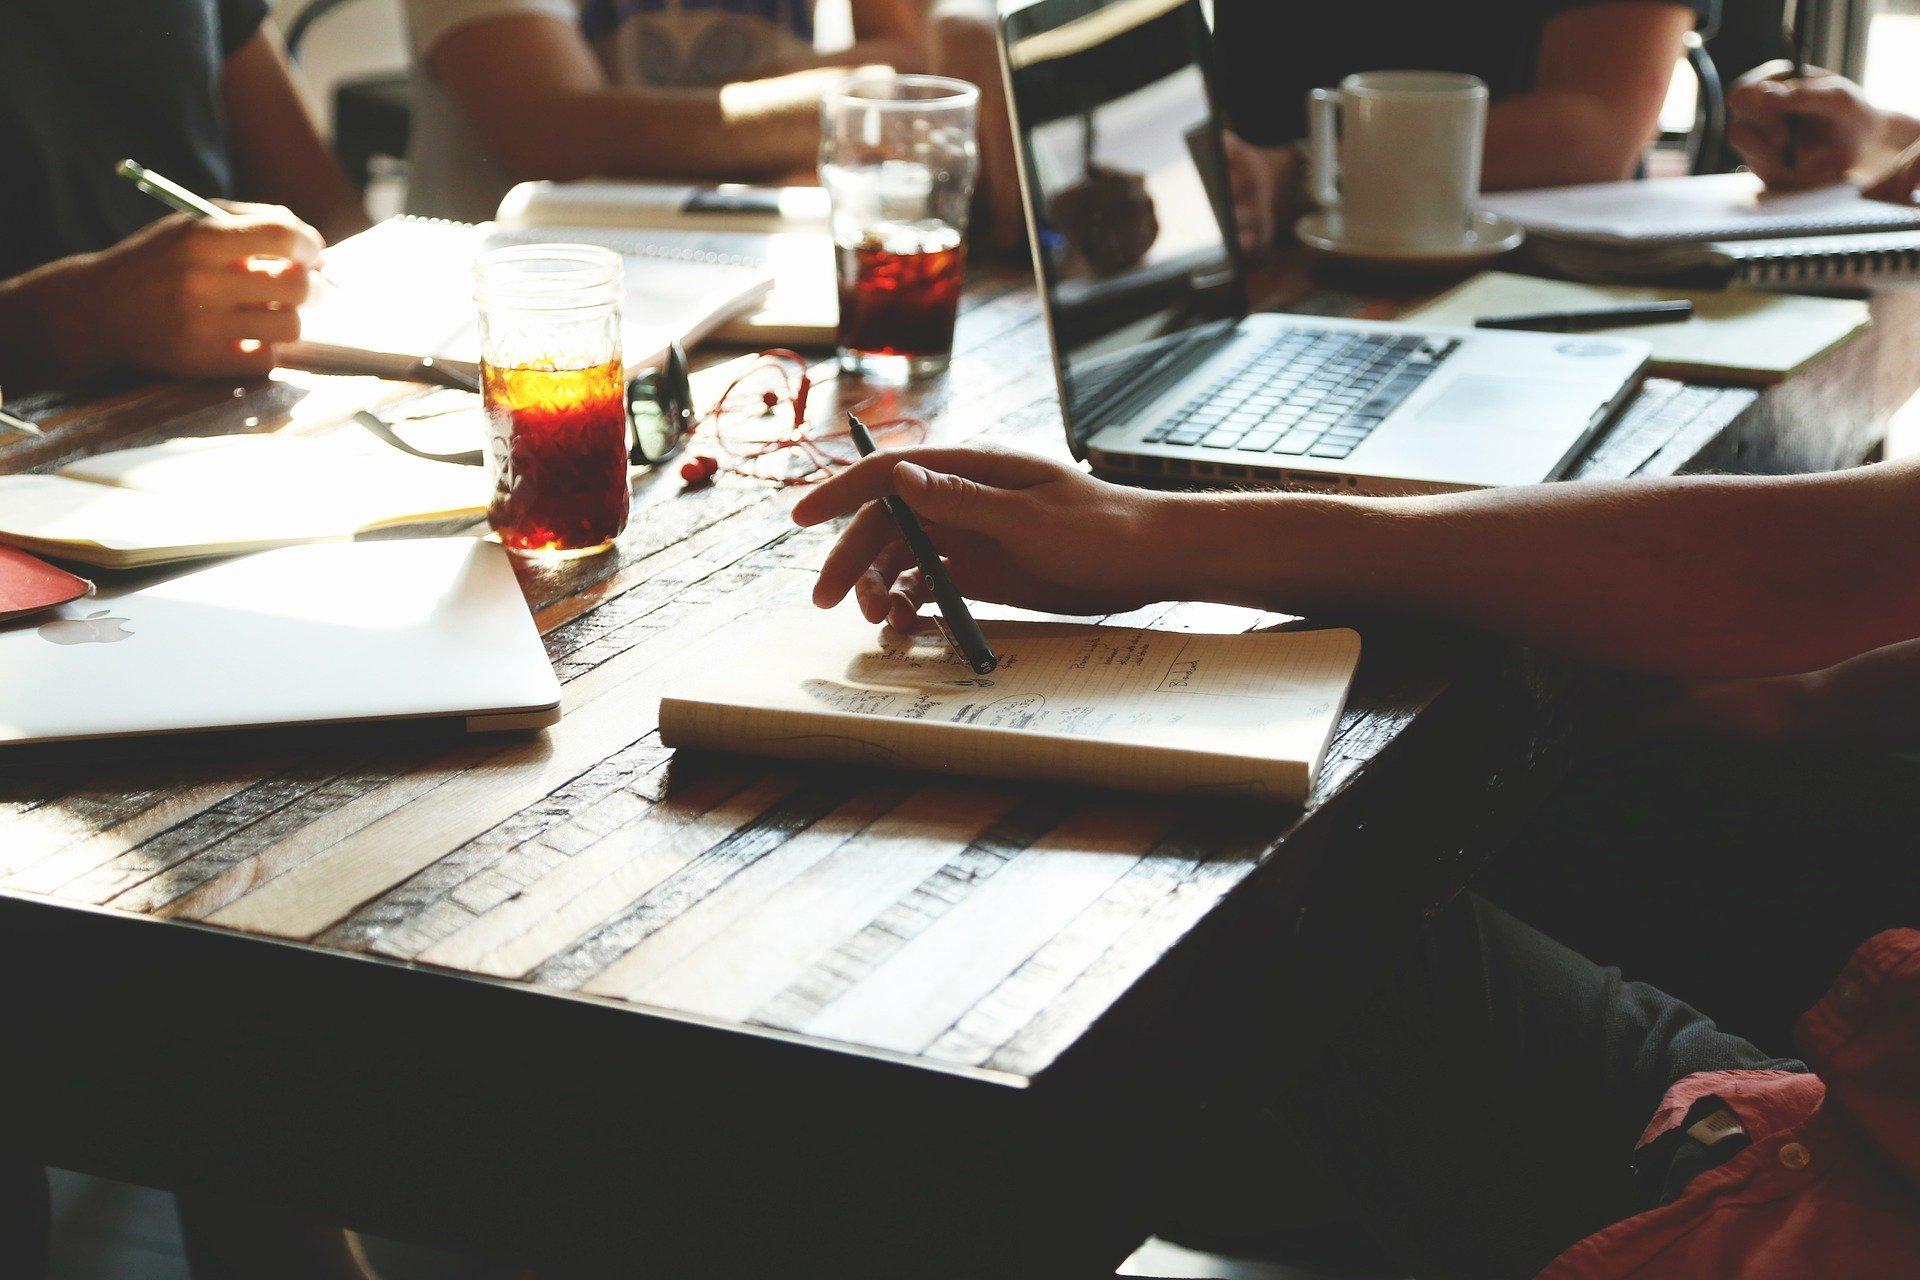 Finančný plán: prečo sa poistiť?